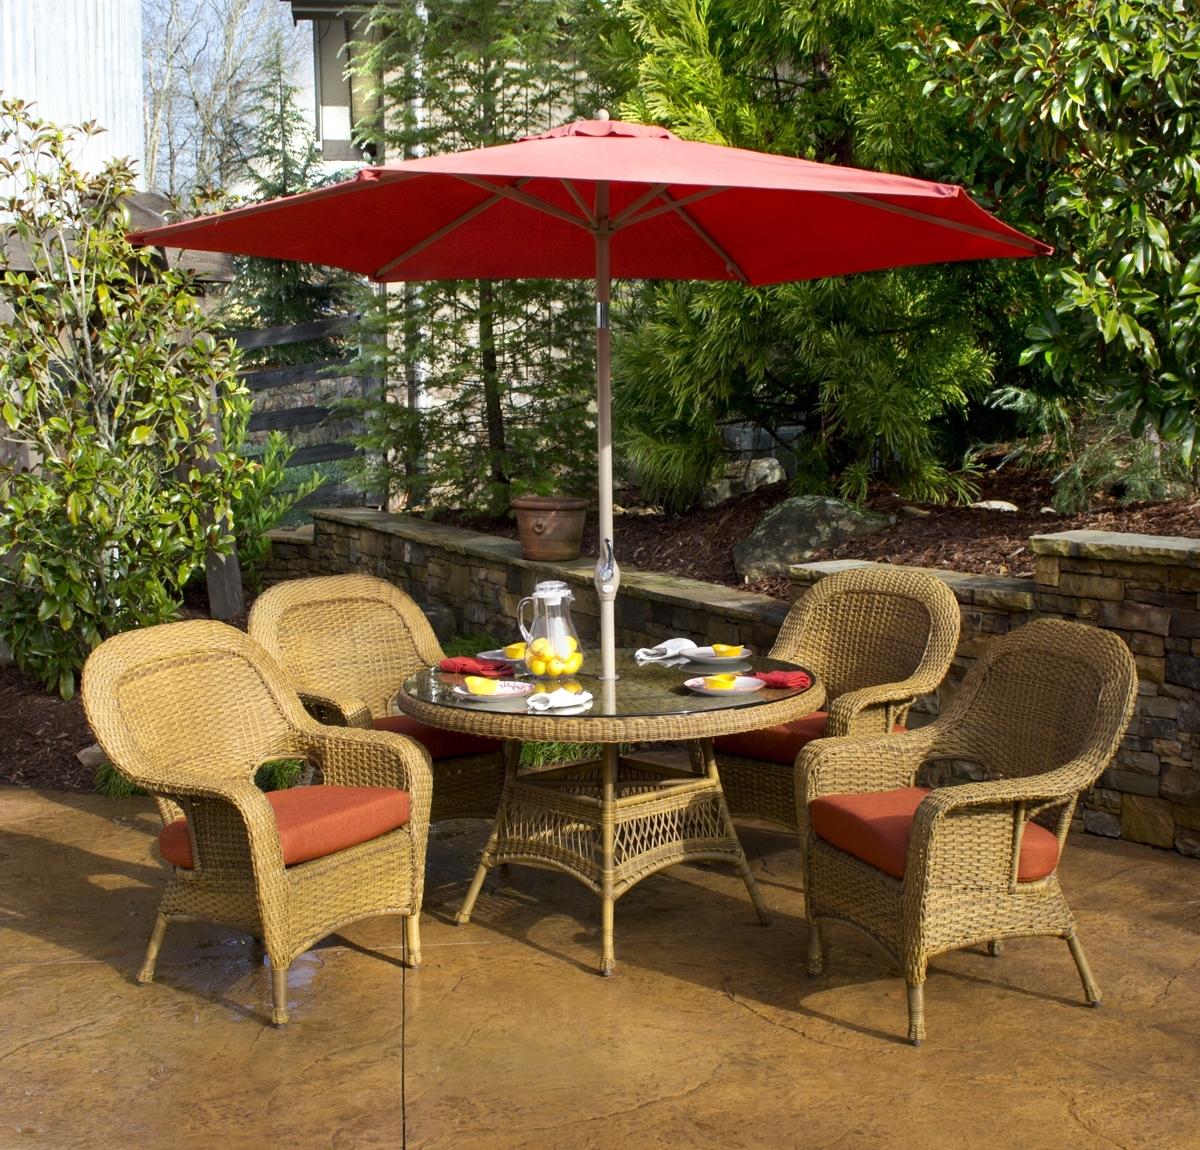 Newest Unusual Green Patio Table Umbrellaca Photos Concept Canvas Umbrella Intended For Unusual Patio Umbrellas (View 11 of 20)